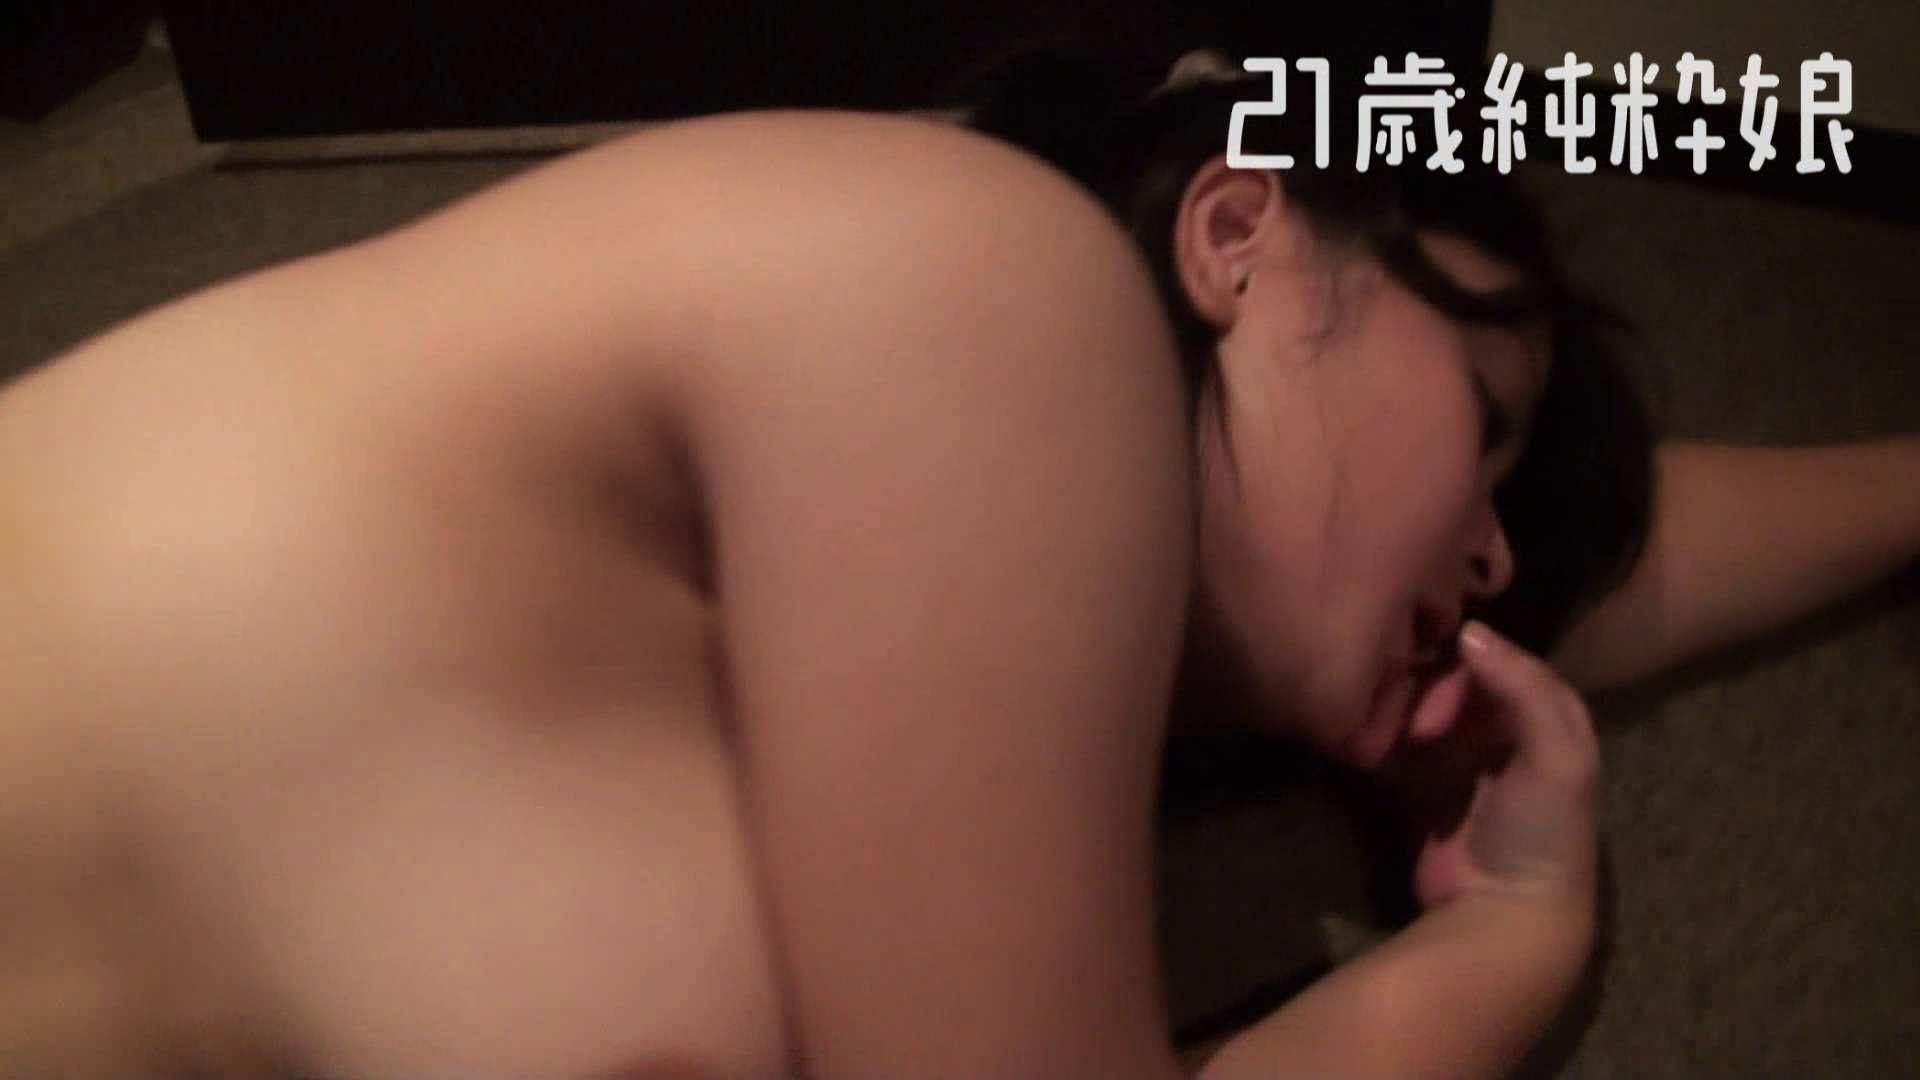 上京したばかりのGカップ21歳純粋嬢を都合の良い女にしてみた2 中出し   全裸  50pic 33